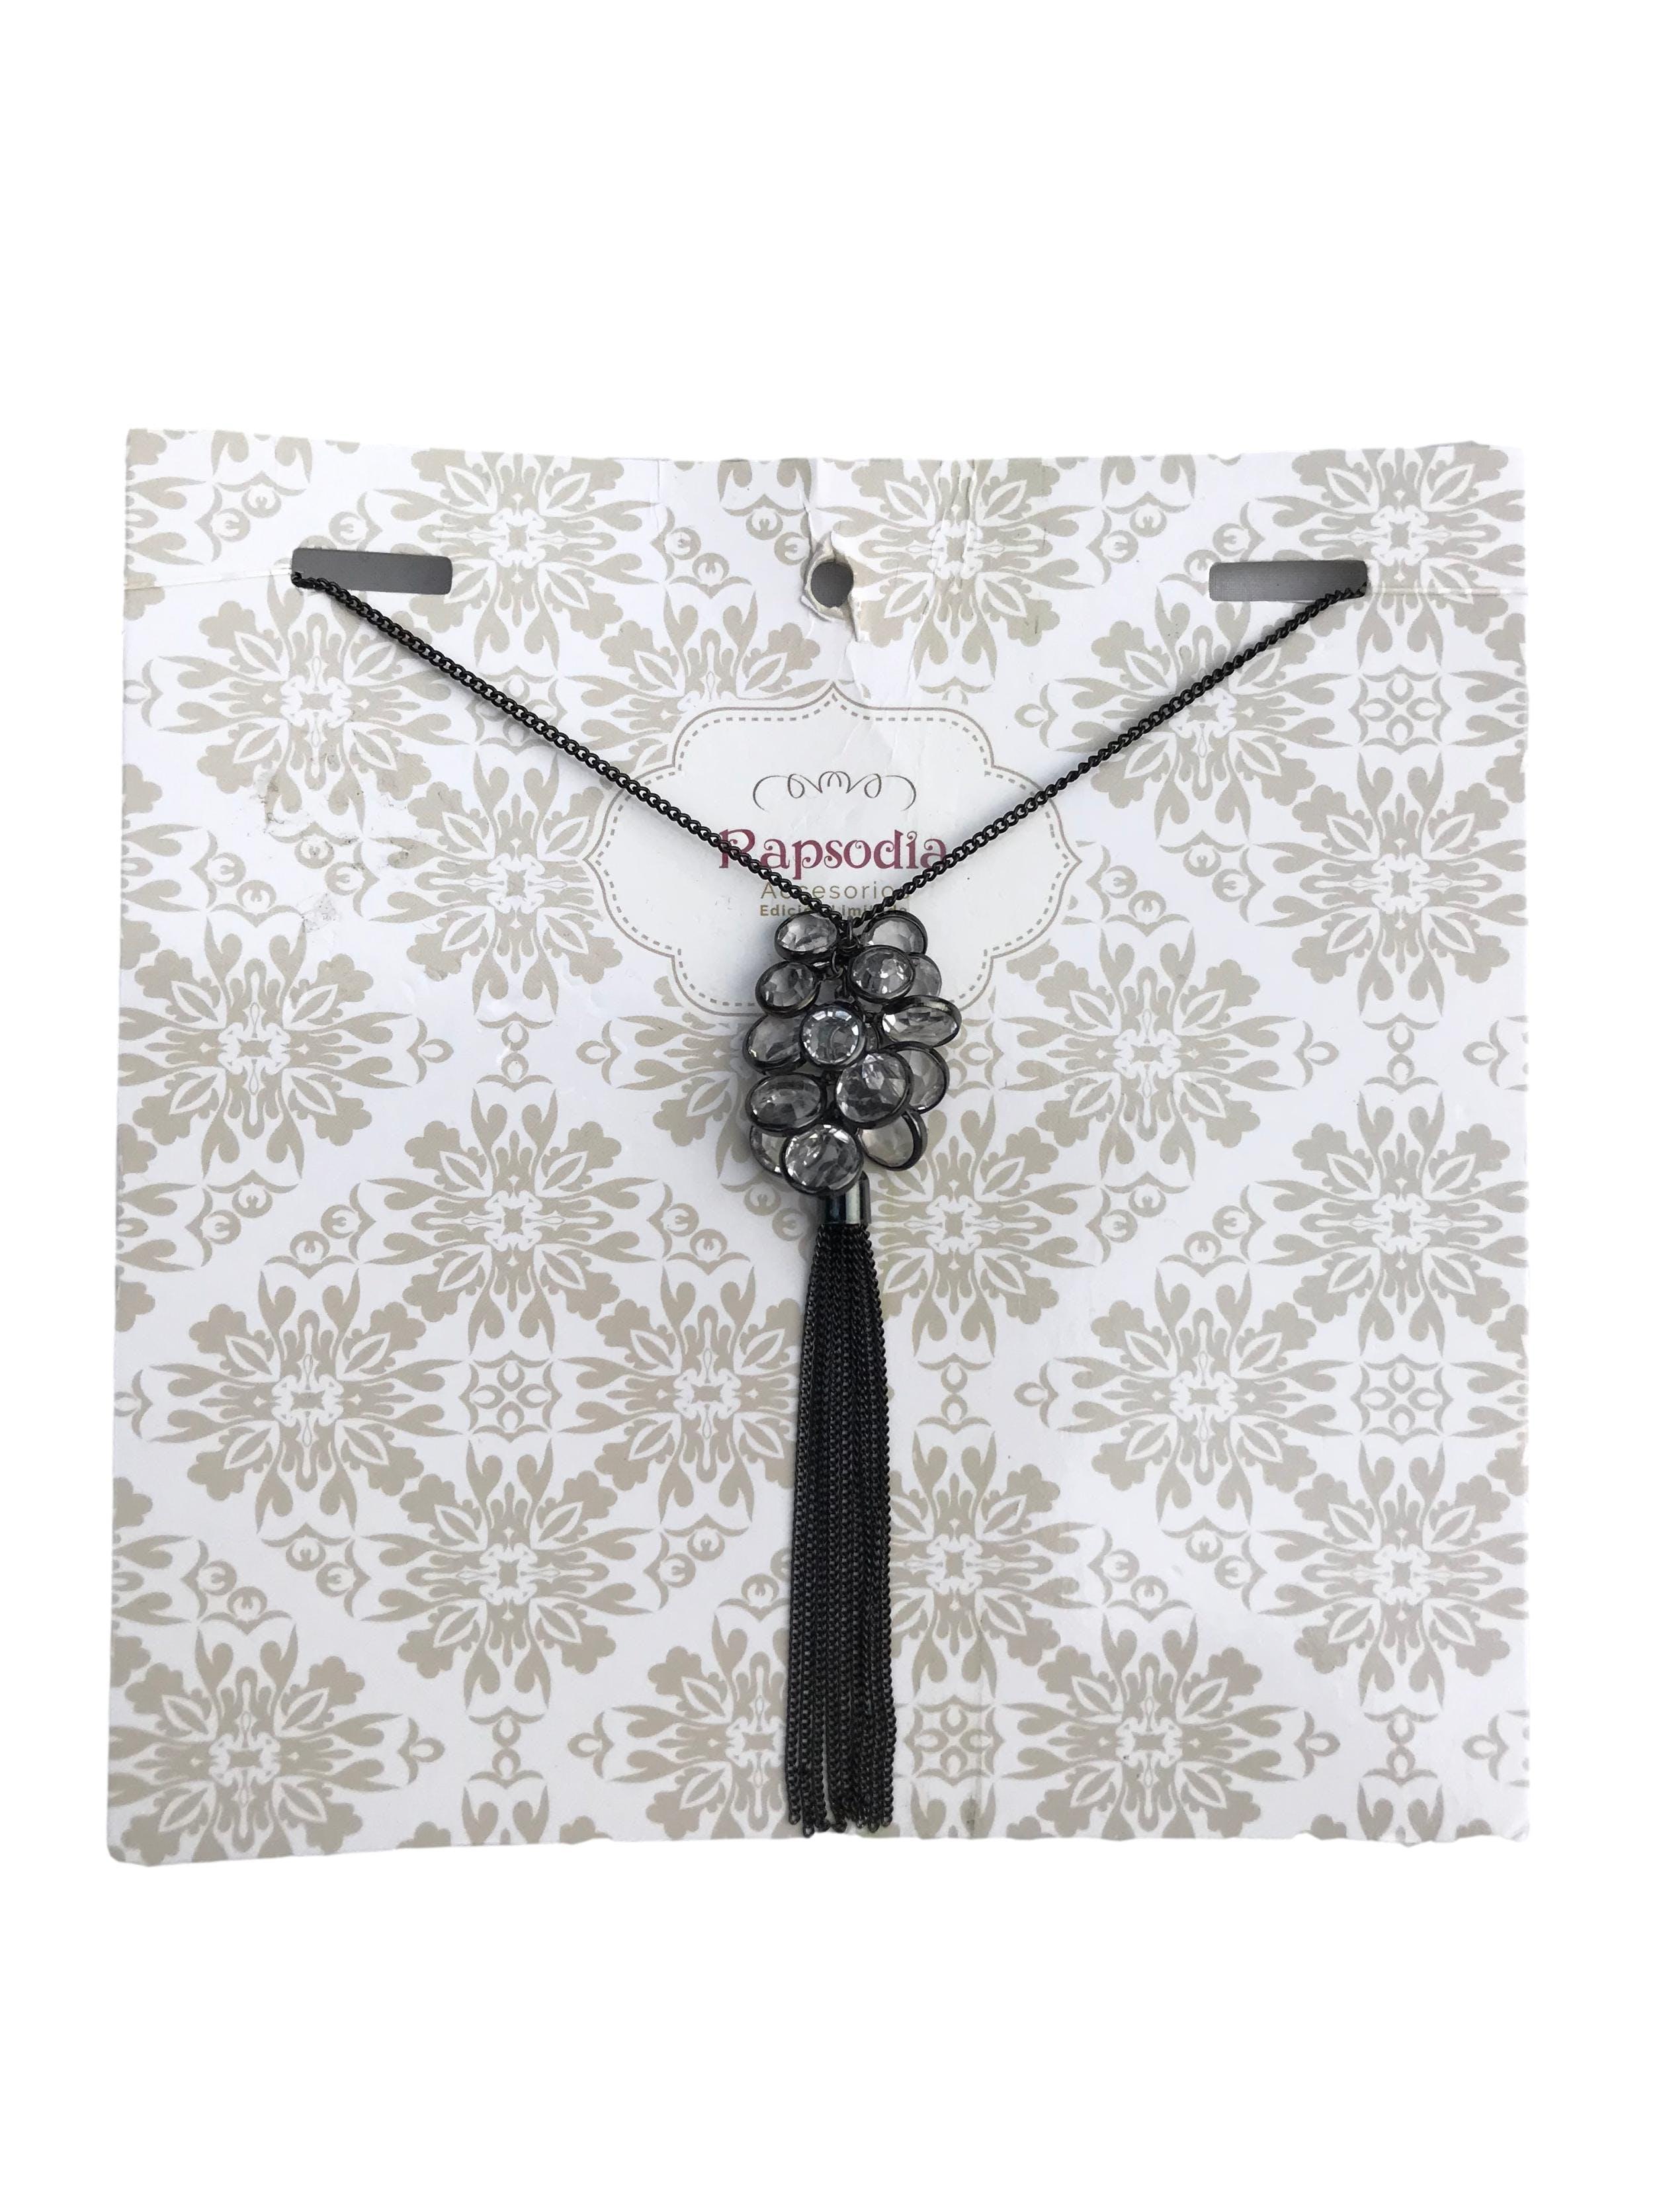 Collar cadena negra con dije largo de cristales y cadenitas colgantes. Largo 68cm. Nuevo con etiqueta, precio original S/ 29.9